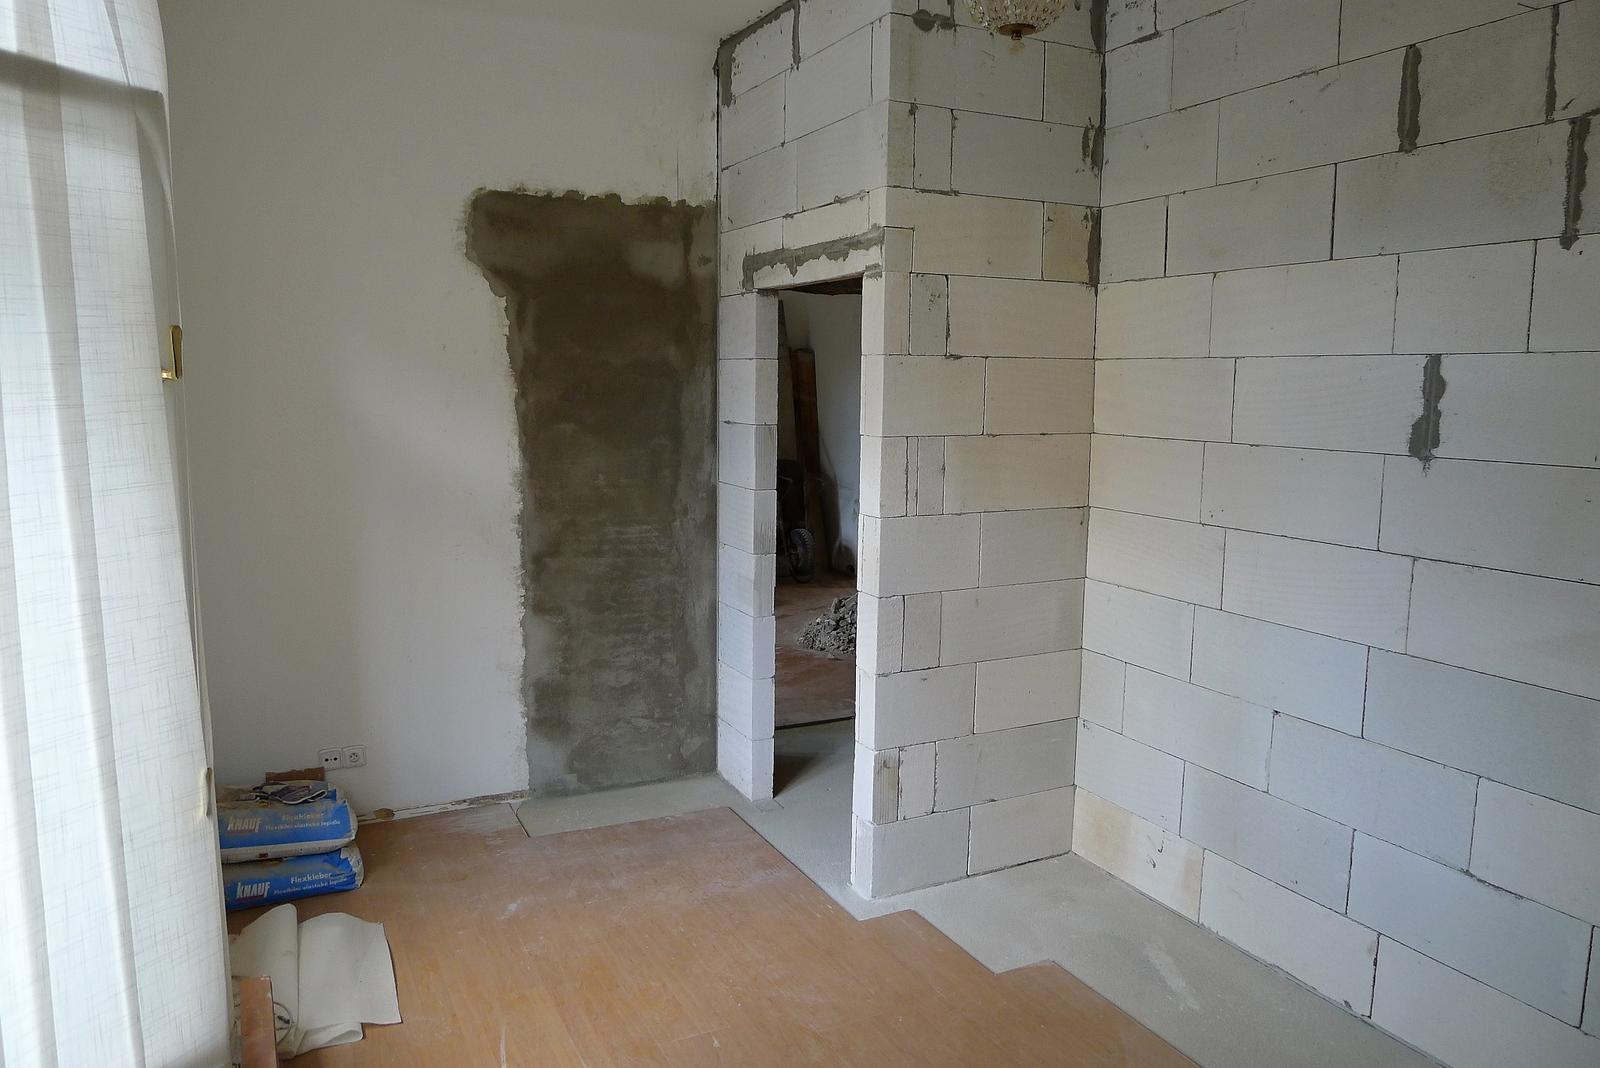 Rekonstrukce našeho domečku - ložnice se na úkor koupelny trošku zmenšila, ale na spaní stačí bohatě